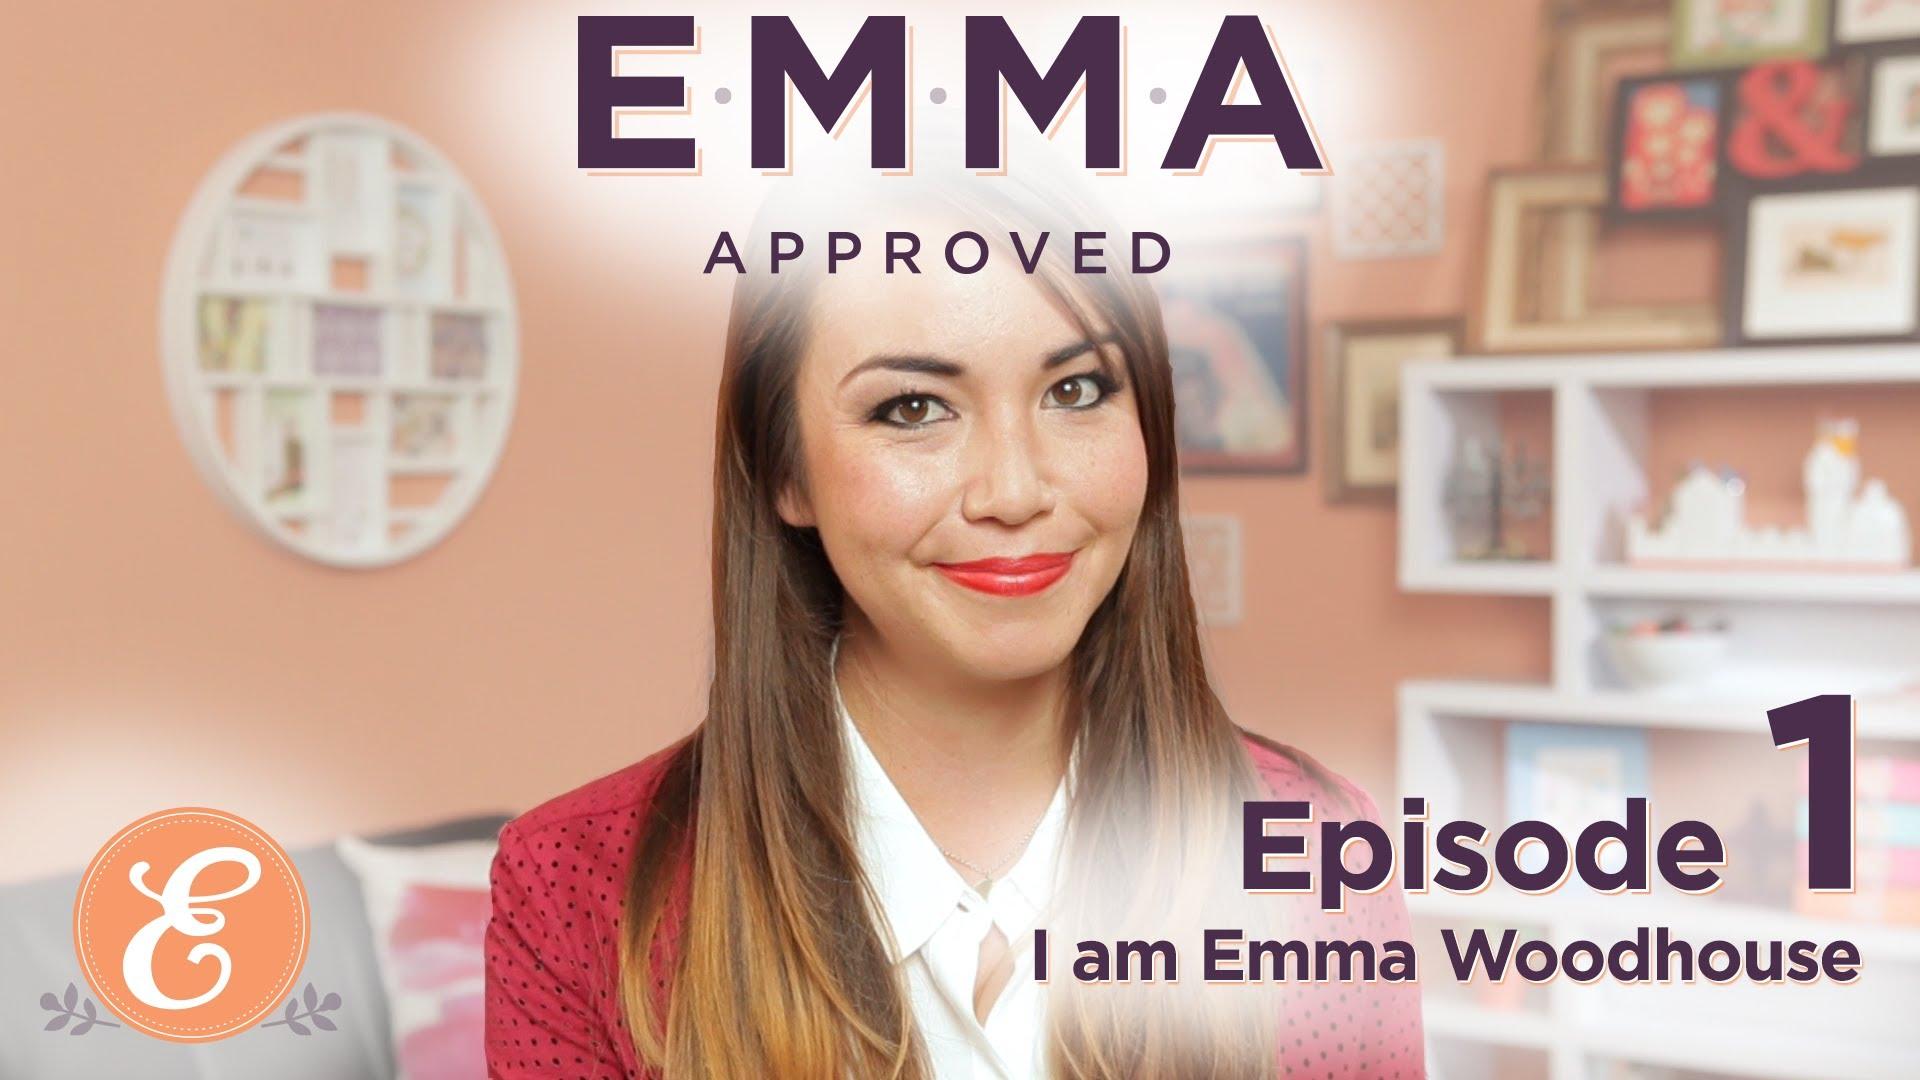 Emma Approved: wij keuren het goed